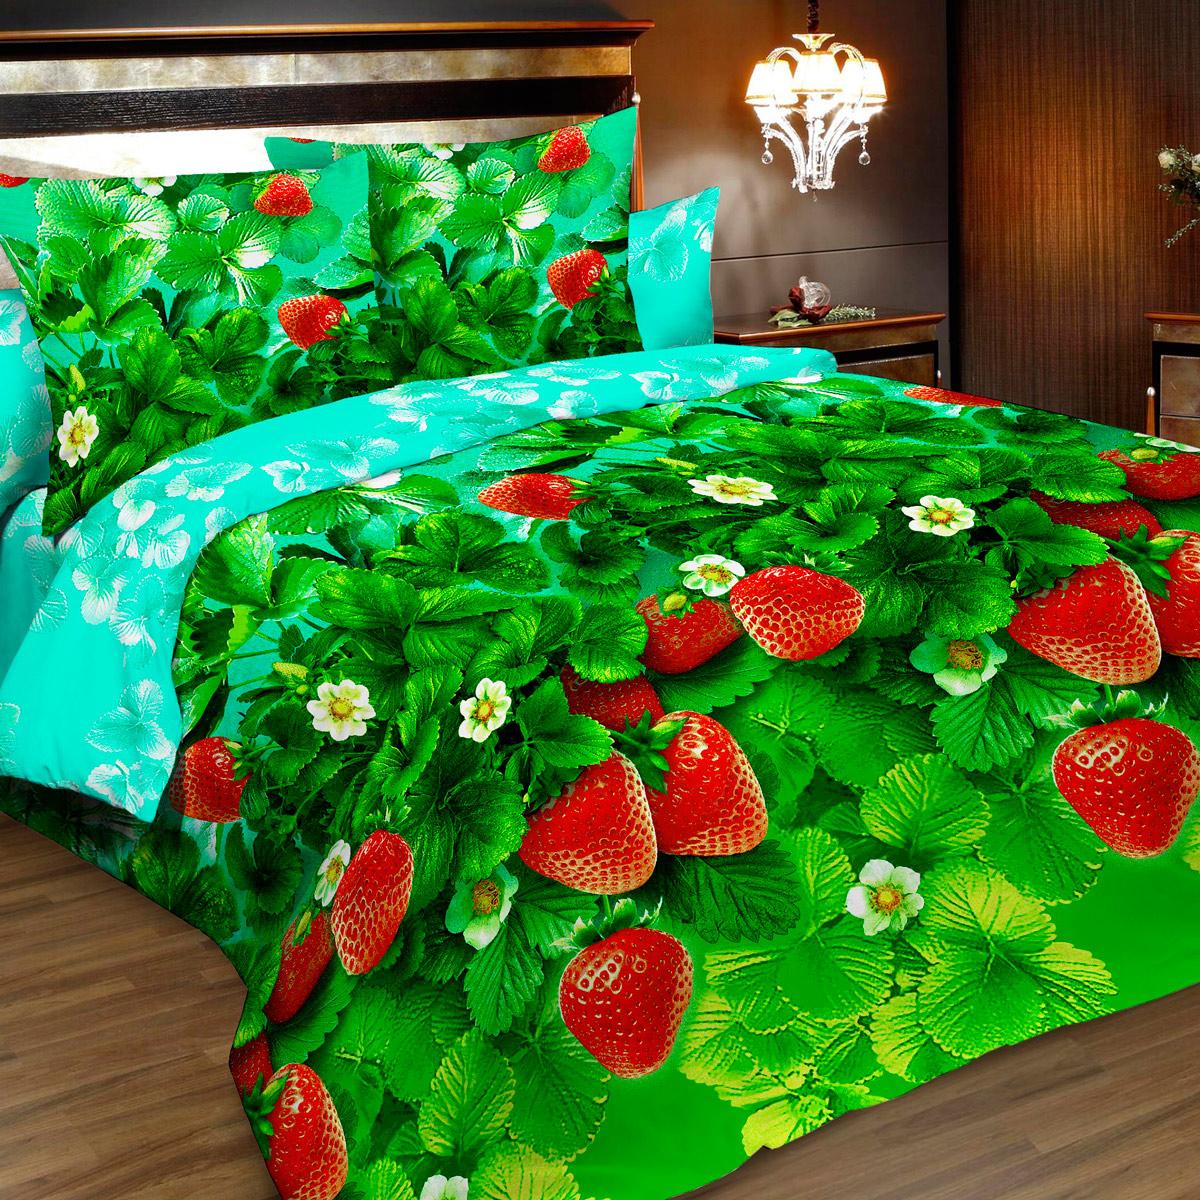 Комплект белья Letto, 2-спальный, наволочки 70х70. B173-4B173-4Комплект постельного белья Letto выполнен из классической российской бязи (хлопка). Комплект состоит из пододеяльника, простыни и двух наволочек. Постельное белье, оформленное ярким 3D изображением ягод клубники, имеет изысканный внешний вид. Пододеяльник снабжен молнией. Благодаря такому комплекту постельного белья вы сможете создать атмосферу роскоши и романтики в вашей спальне. Уважаемые клиенты! Обращаем ваше внимание на тот факт, что расцветка наволочек может отличаться от представленной на фото.